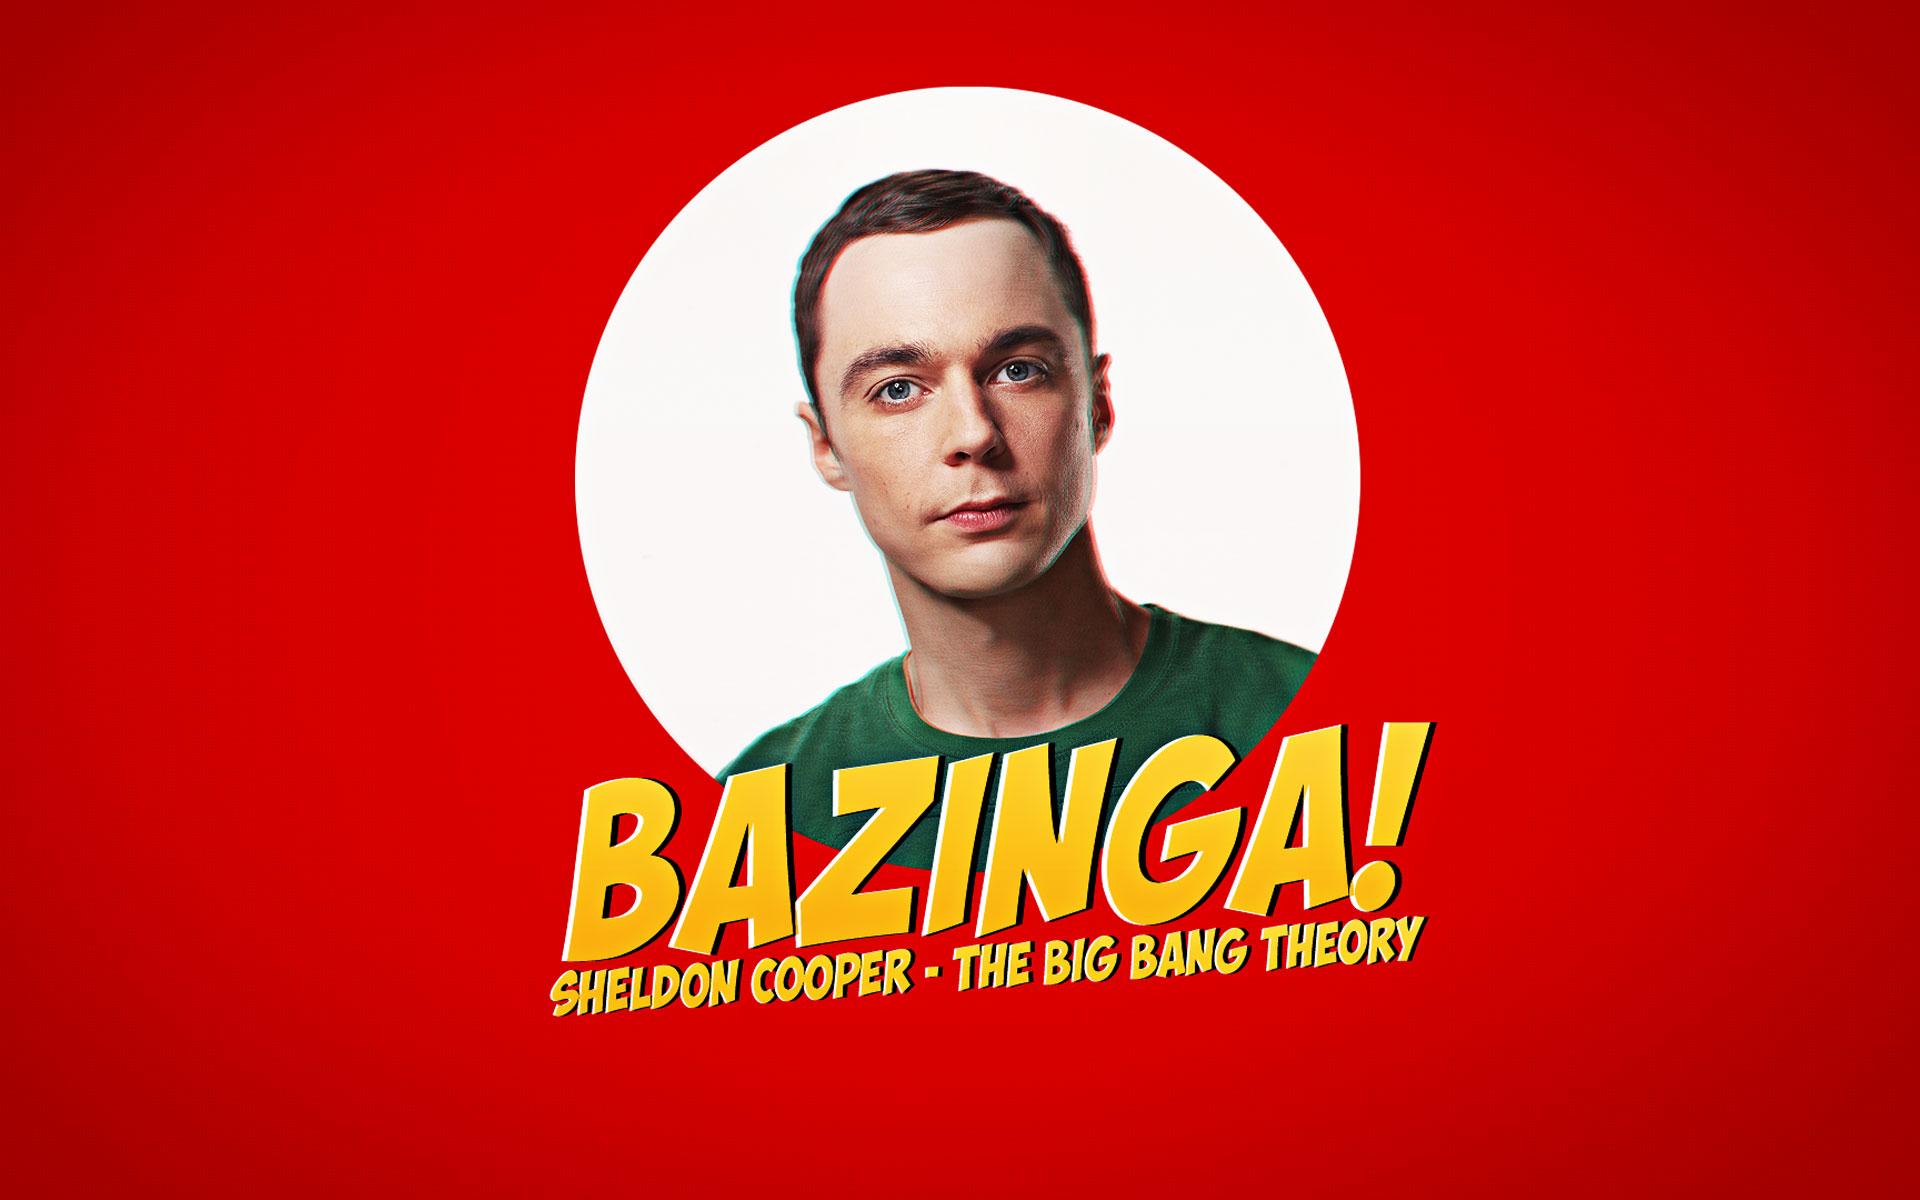 The Big Bang Theory: ¿por qué «Bazinga» significa «Zas en toda la boca»?